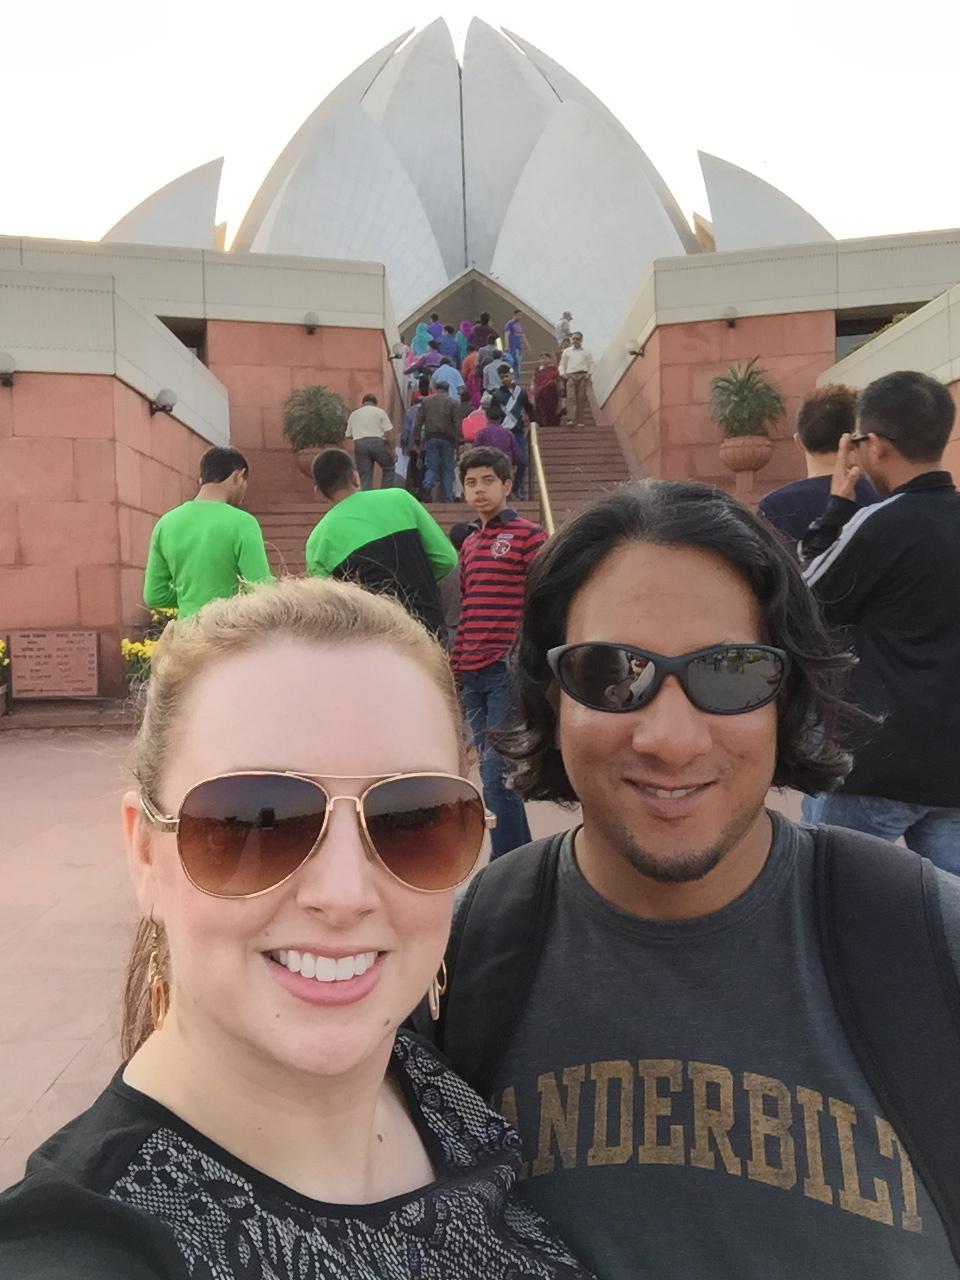 Lotus Temple selfie